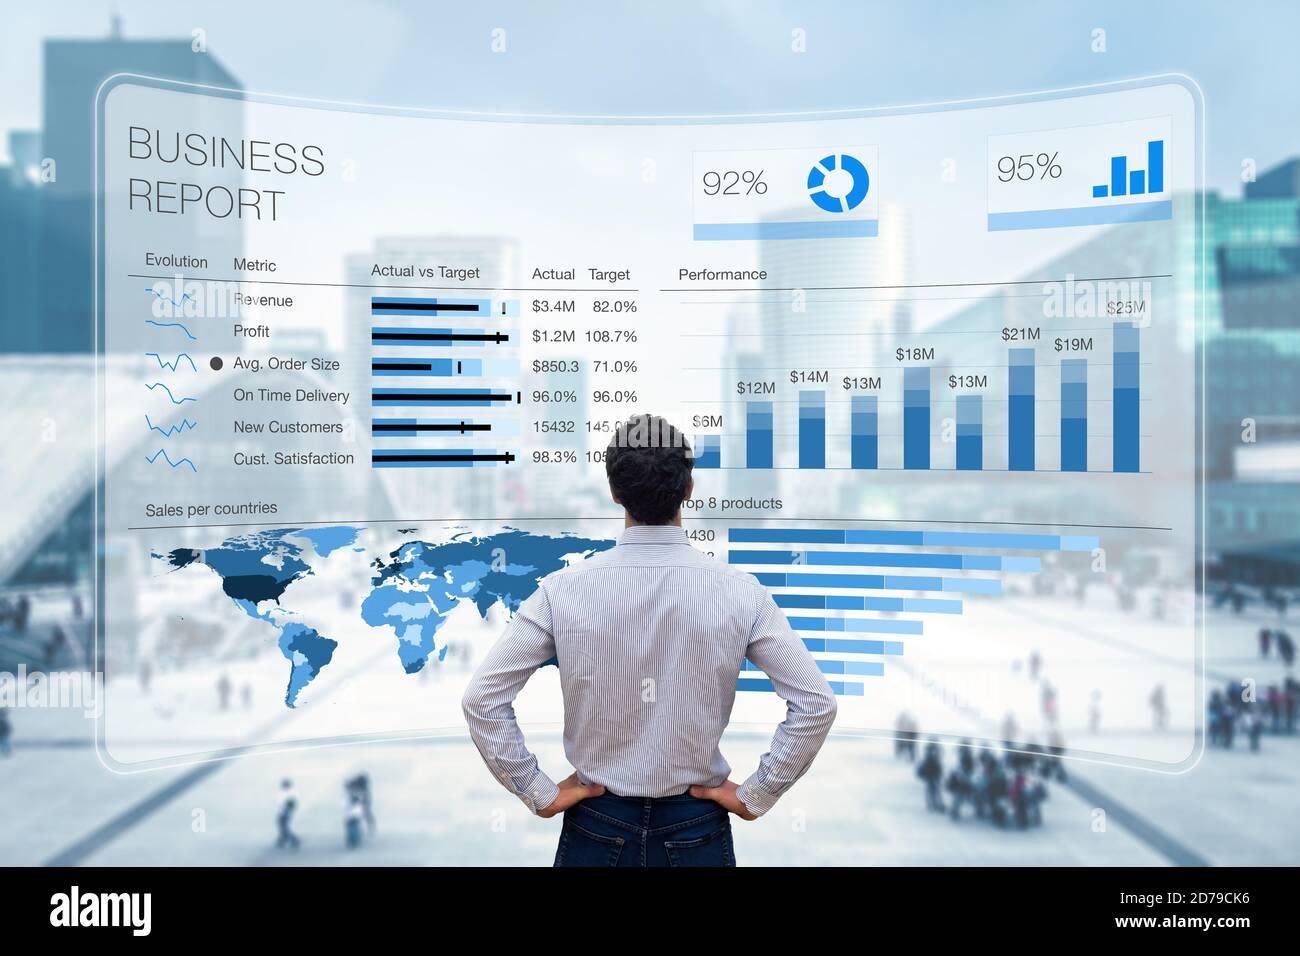 Informe de negocio con métricas, indicadores de rendimiento y gráficos que resumen los datos de ventas y beneficios en comparación con los objetivos y las tendencias del mercado. Exec. De negocios Foto de stock